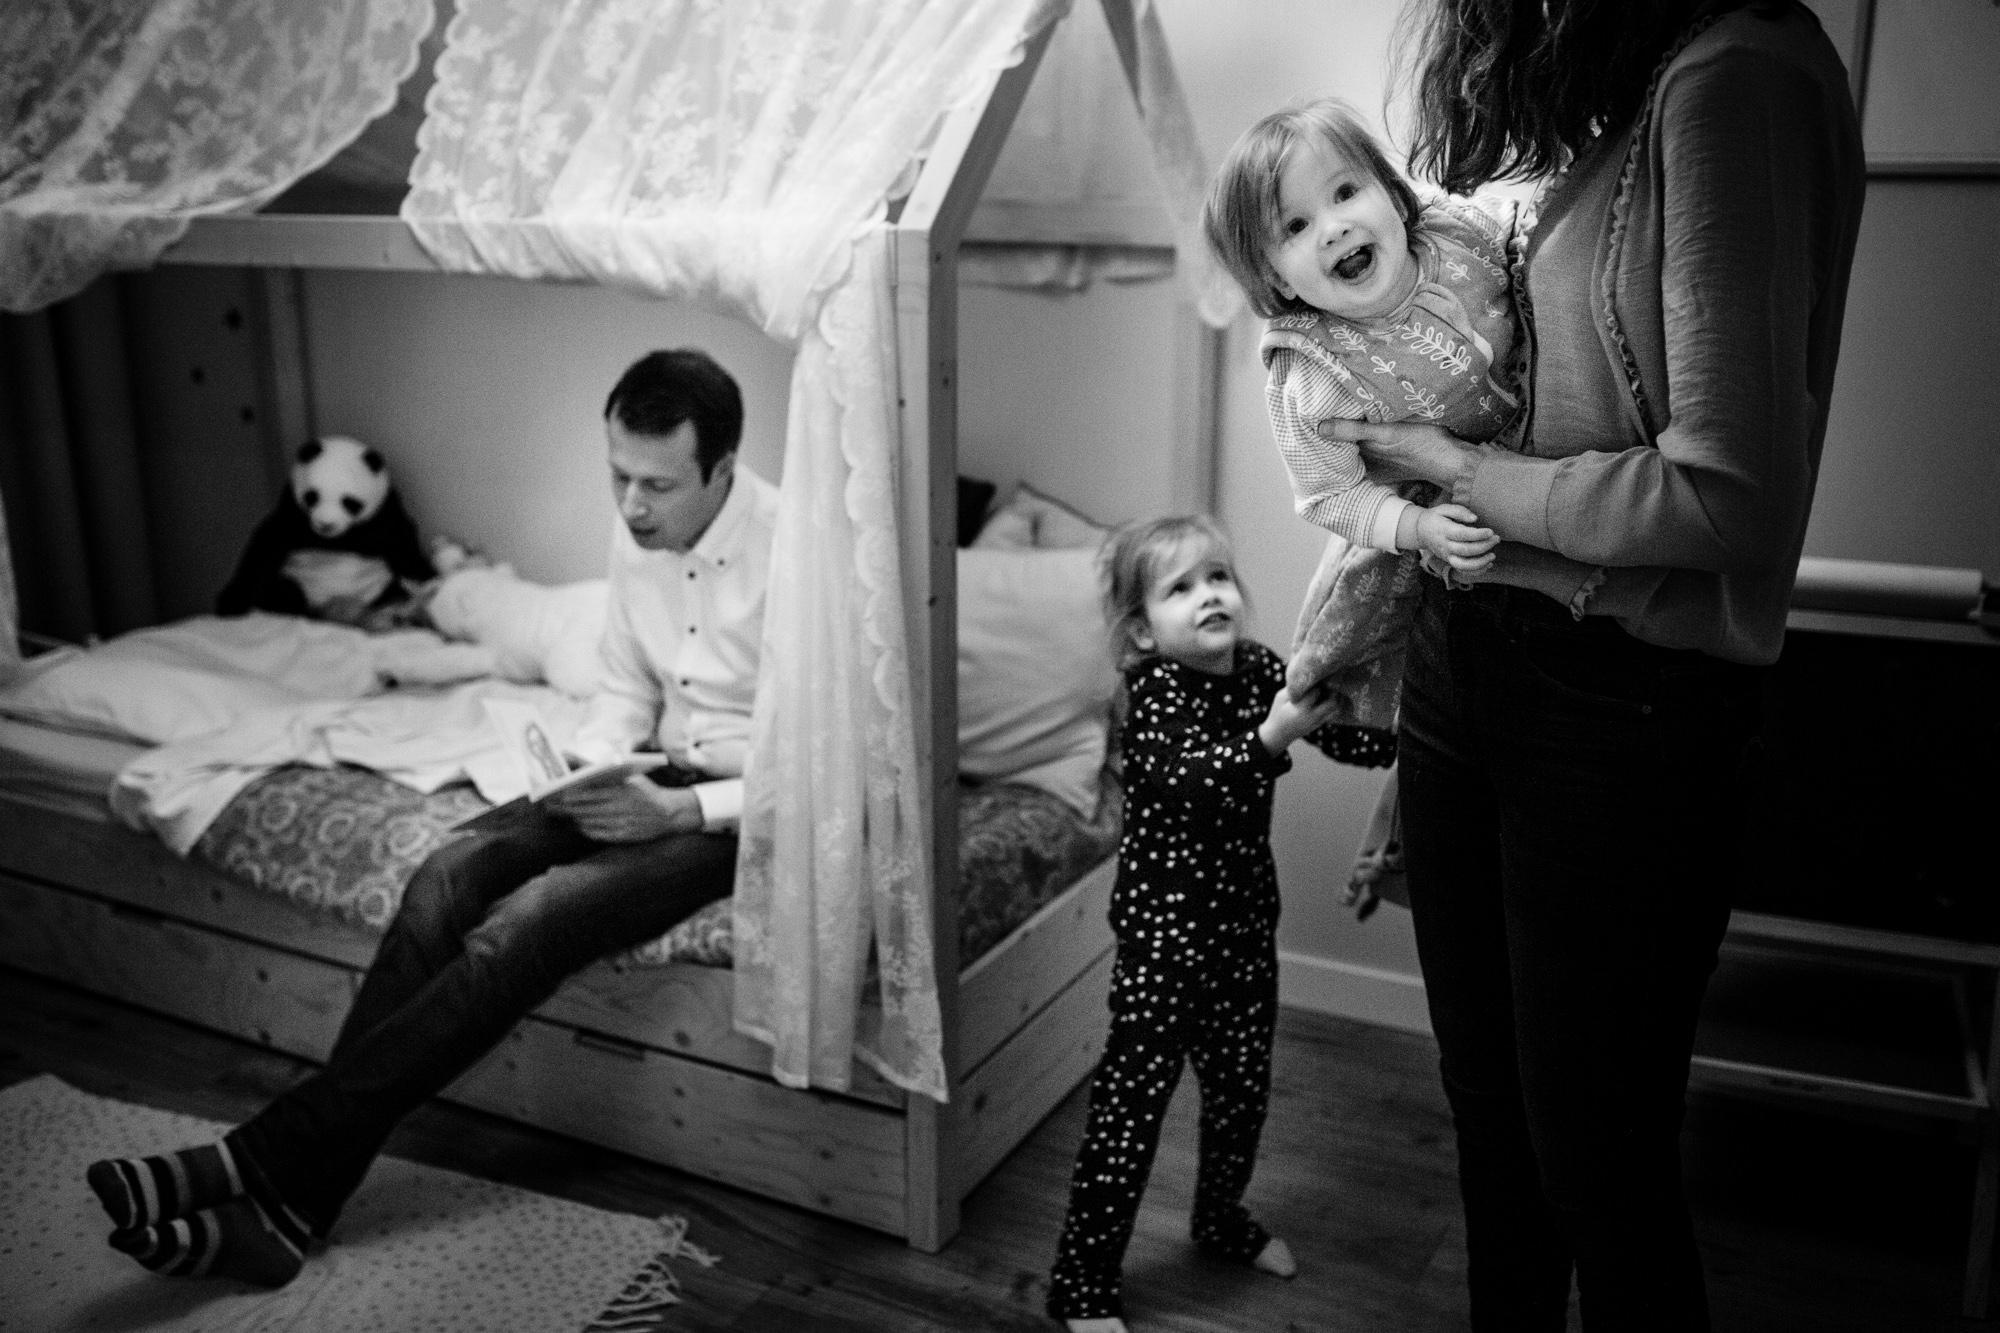 Chaos met verhaaltje lezen tijdens day in the life shoot